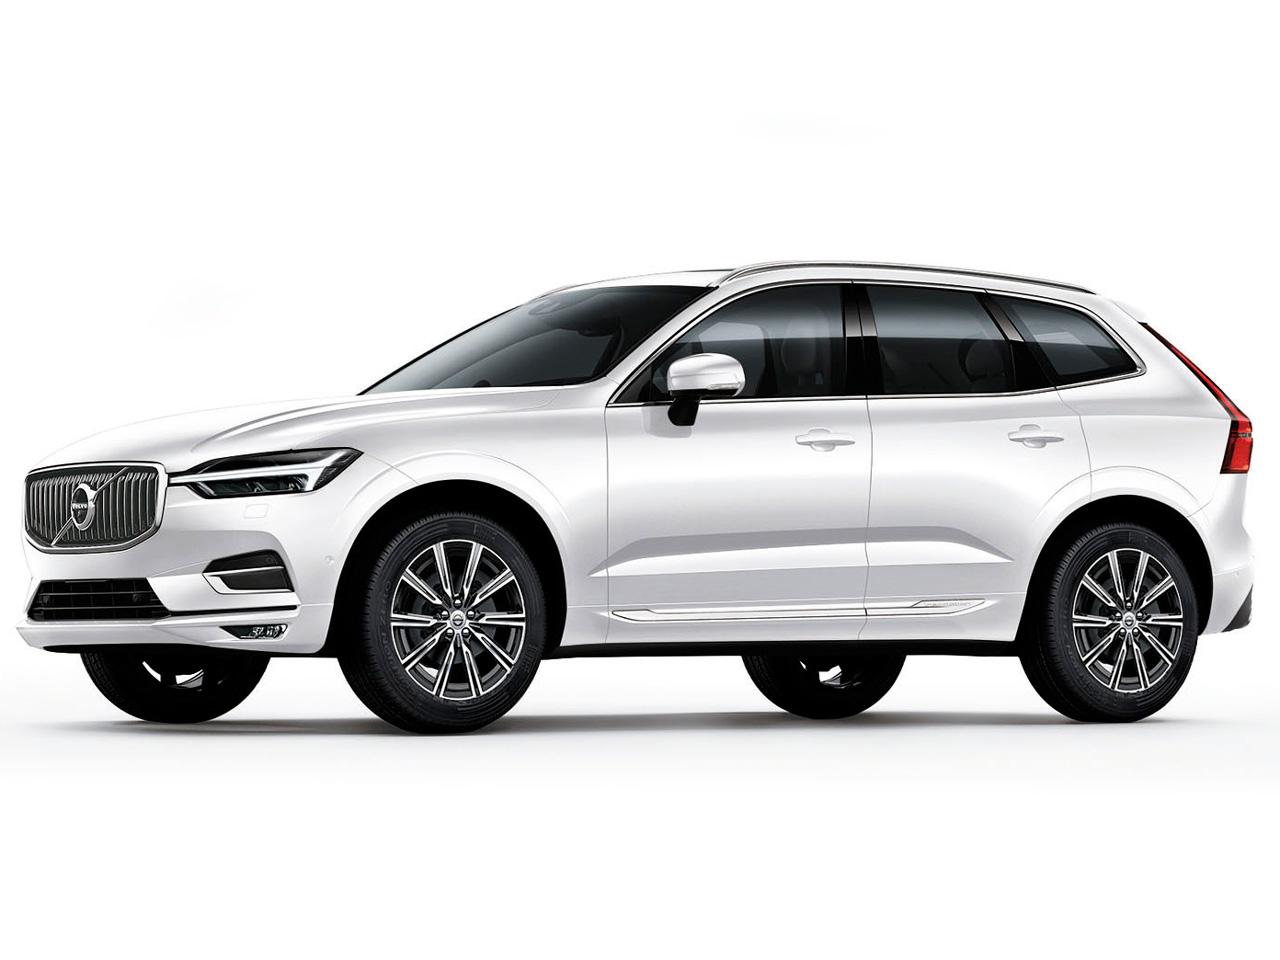 ボルボ XC60 2017年モデル 新車画像